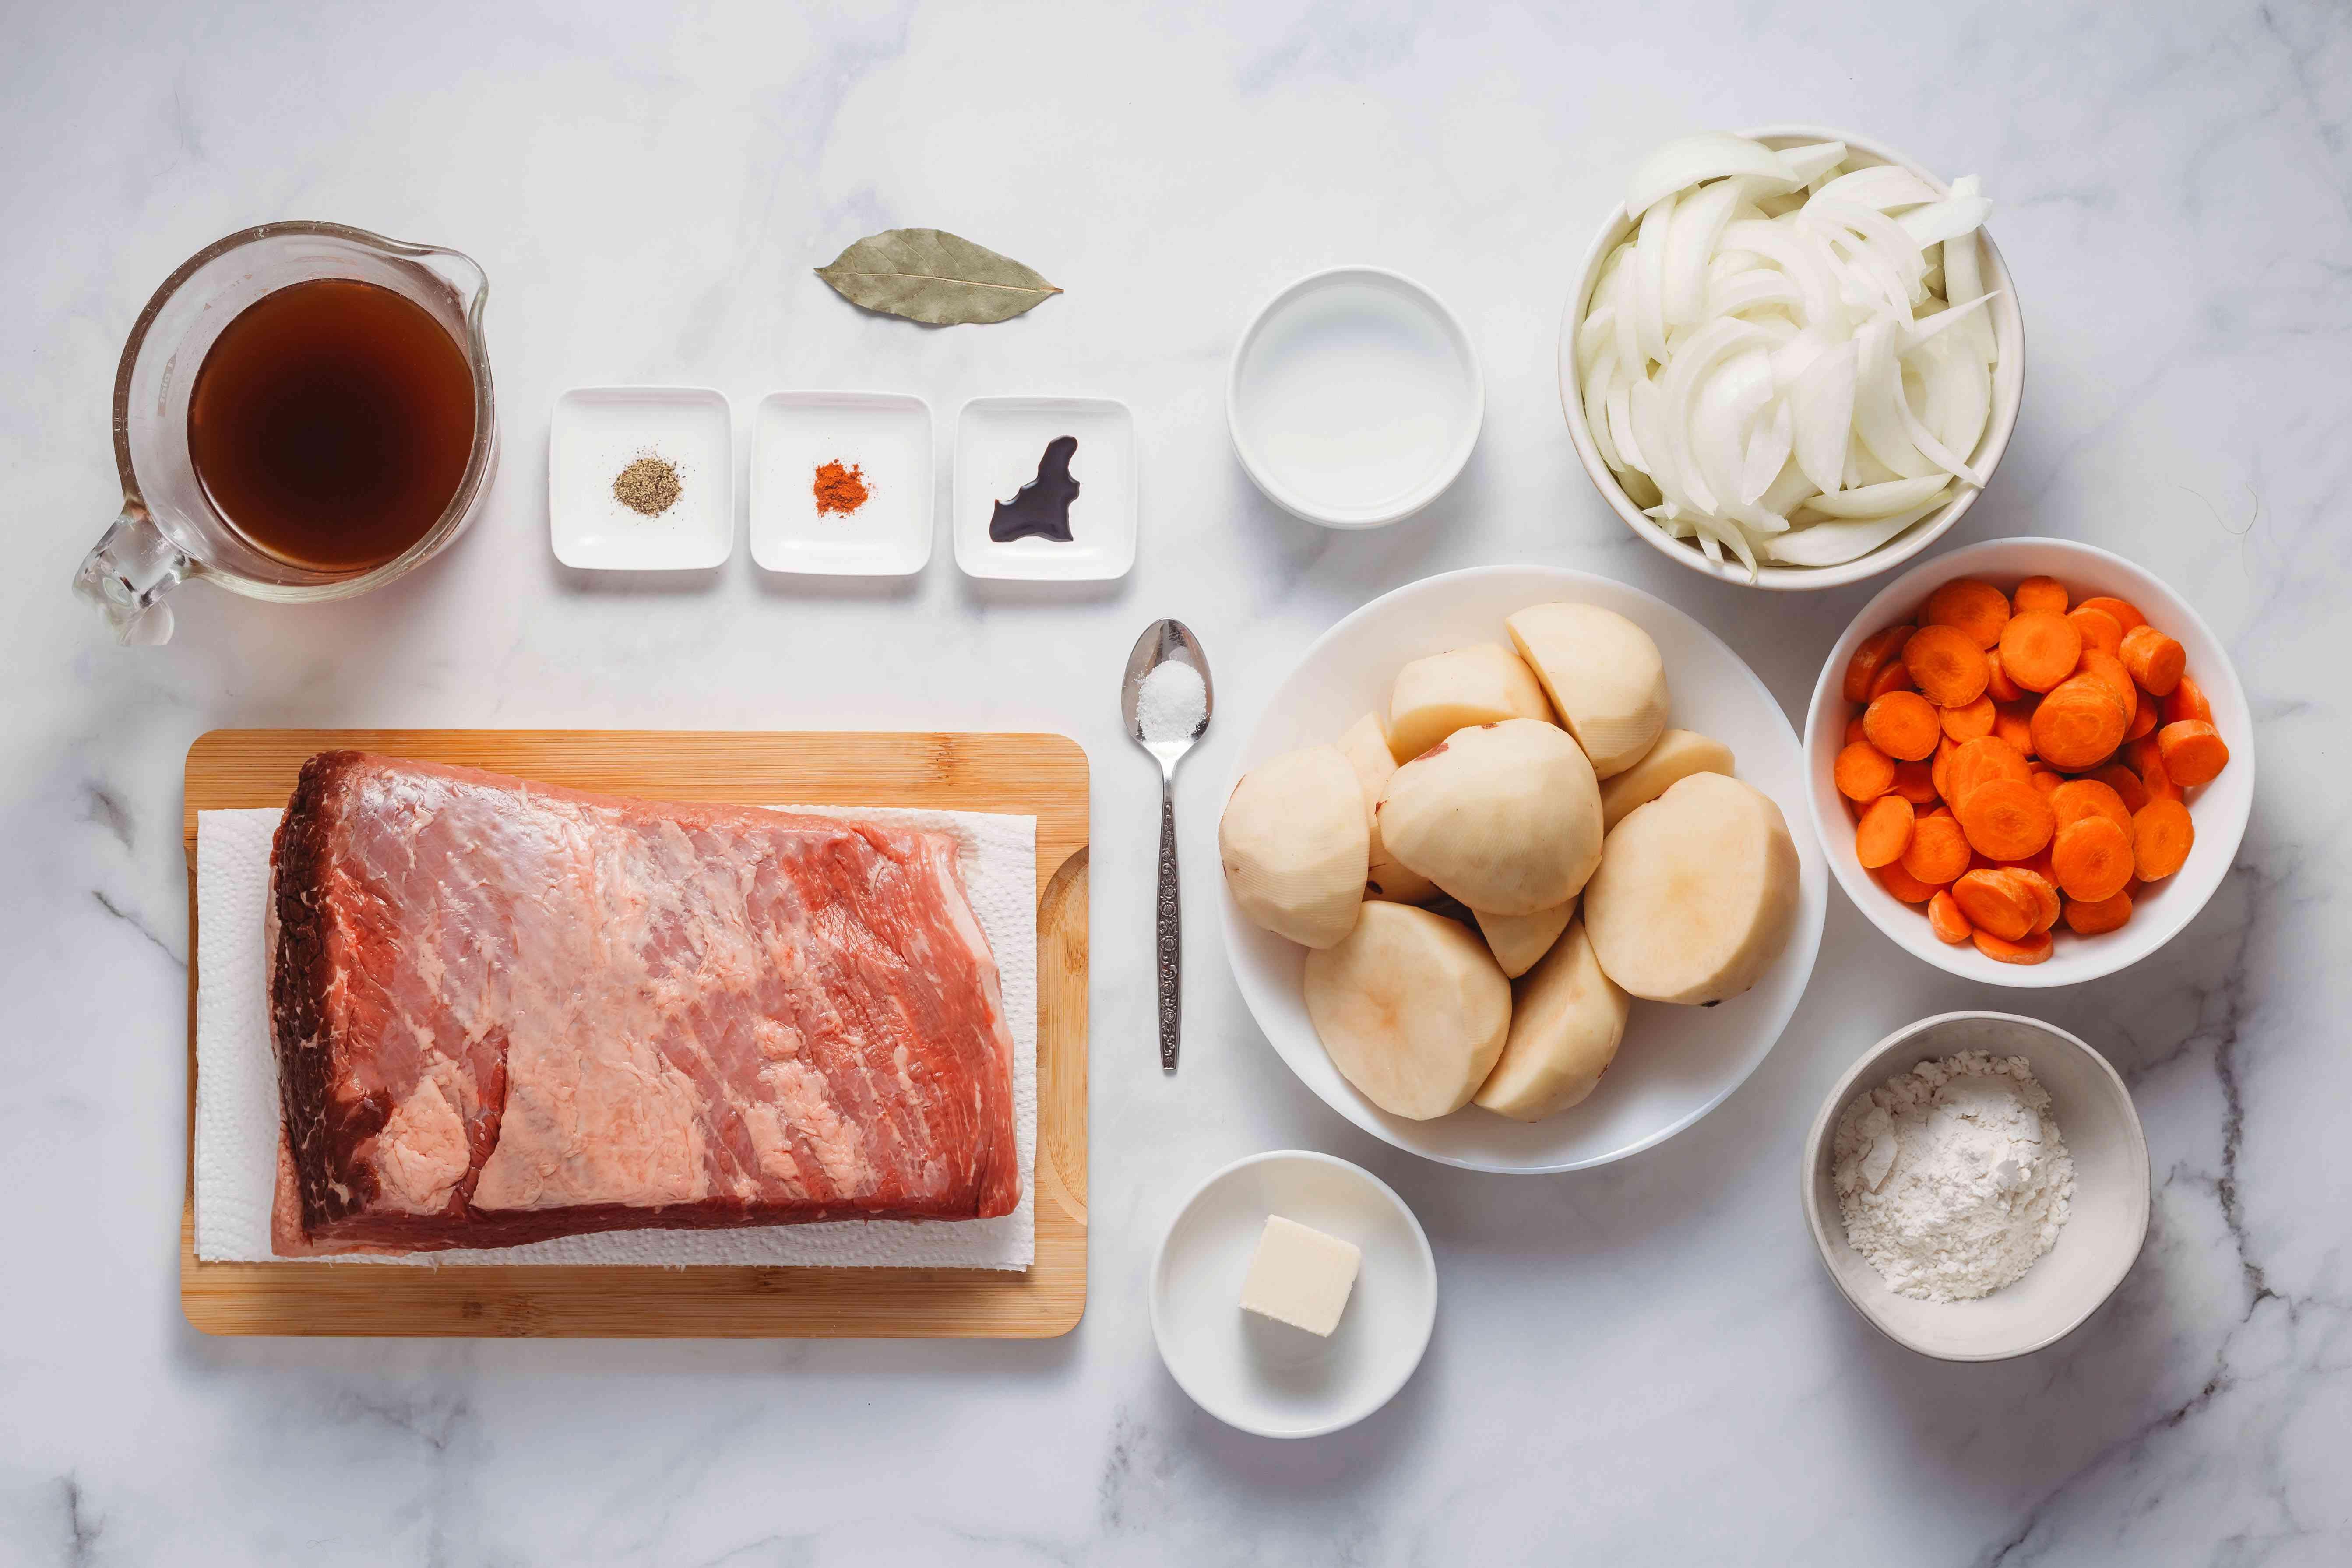 Ingredients for crock pot beef brisket